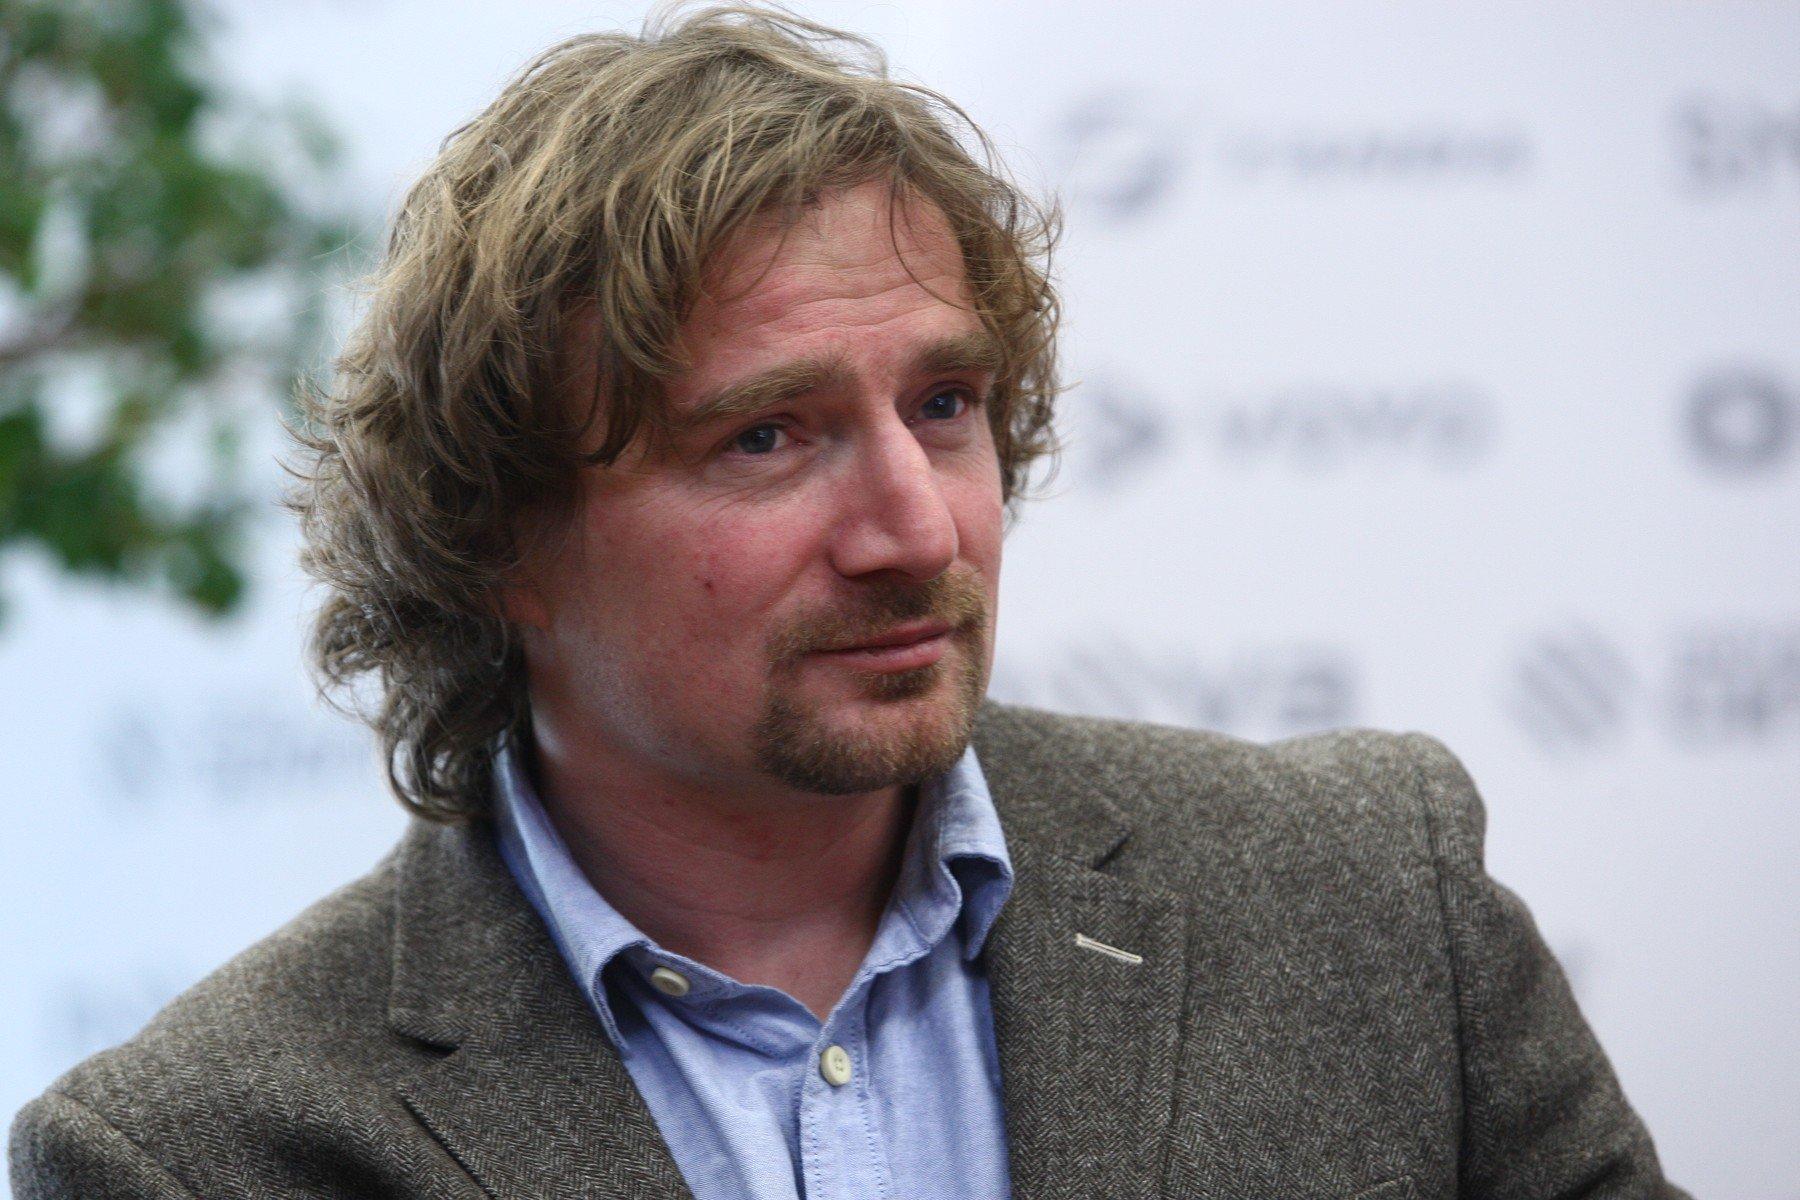 Reportér Kroupa: Poslanci radí, jak máme zpracovávat reportáže? Konec svobody v Českém rozhlase